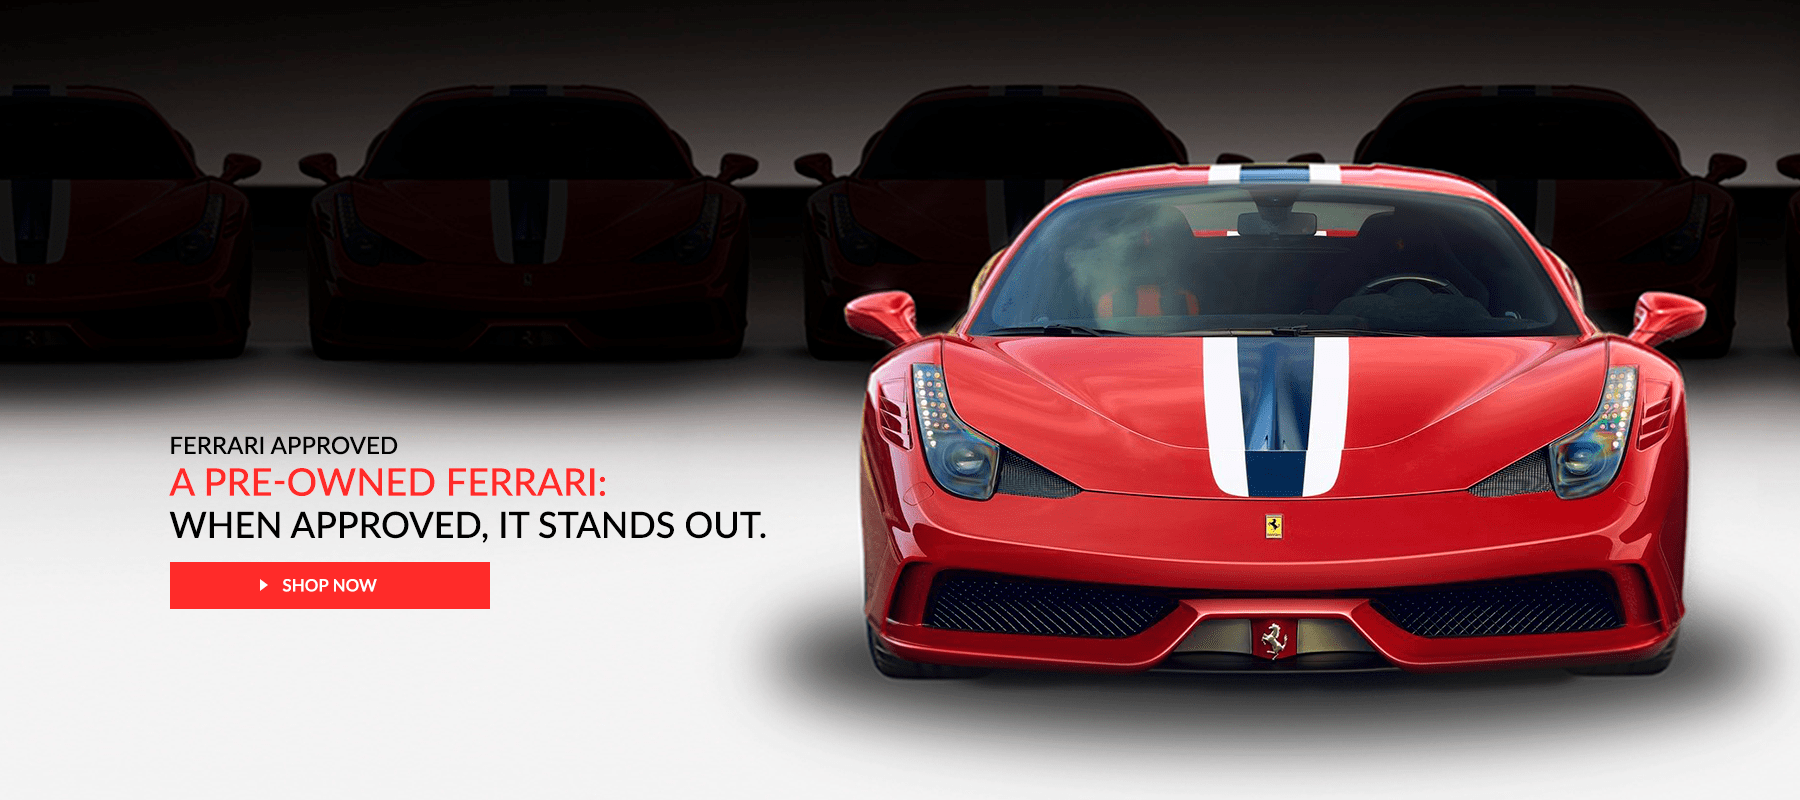 Ferrari Pre-owned